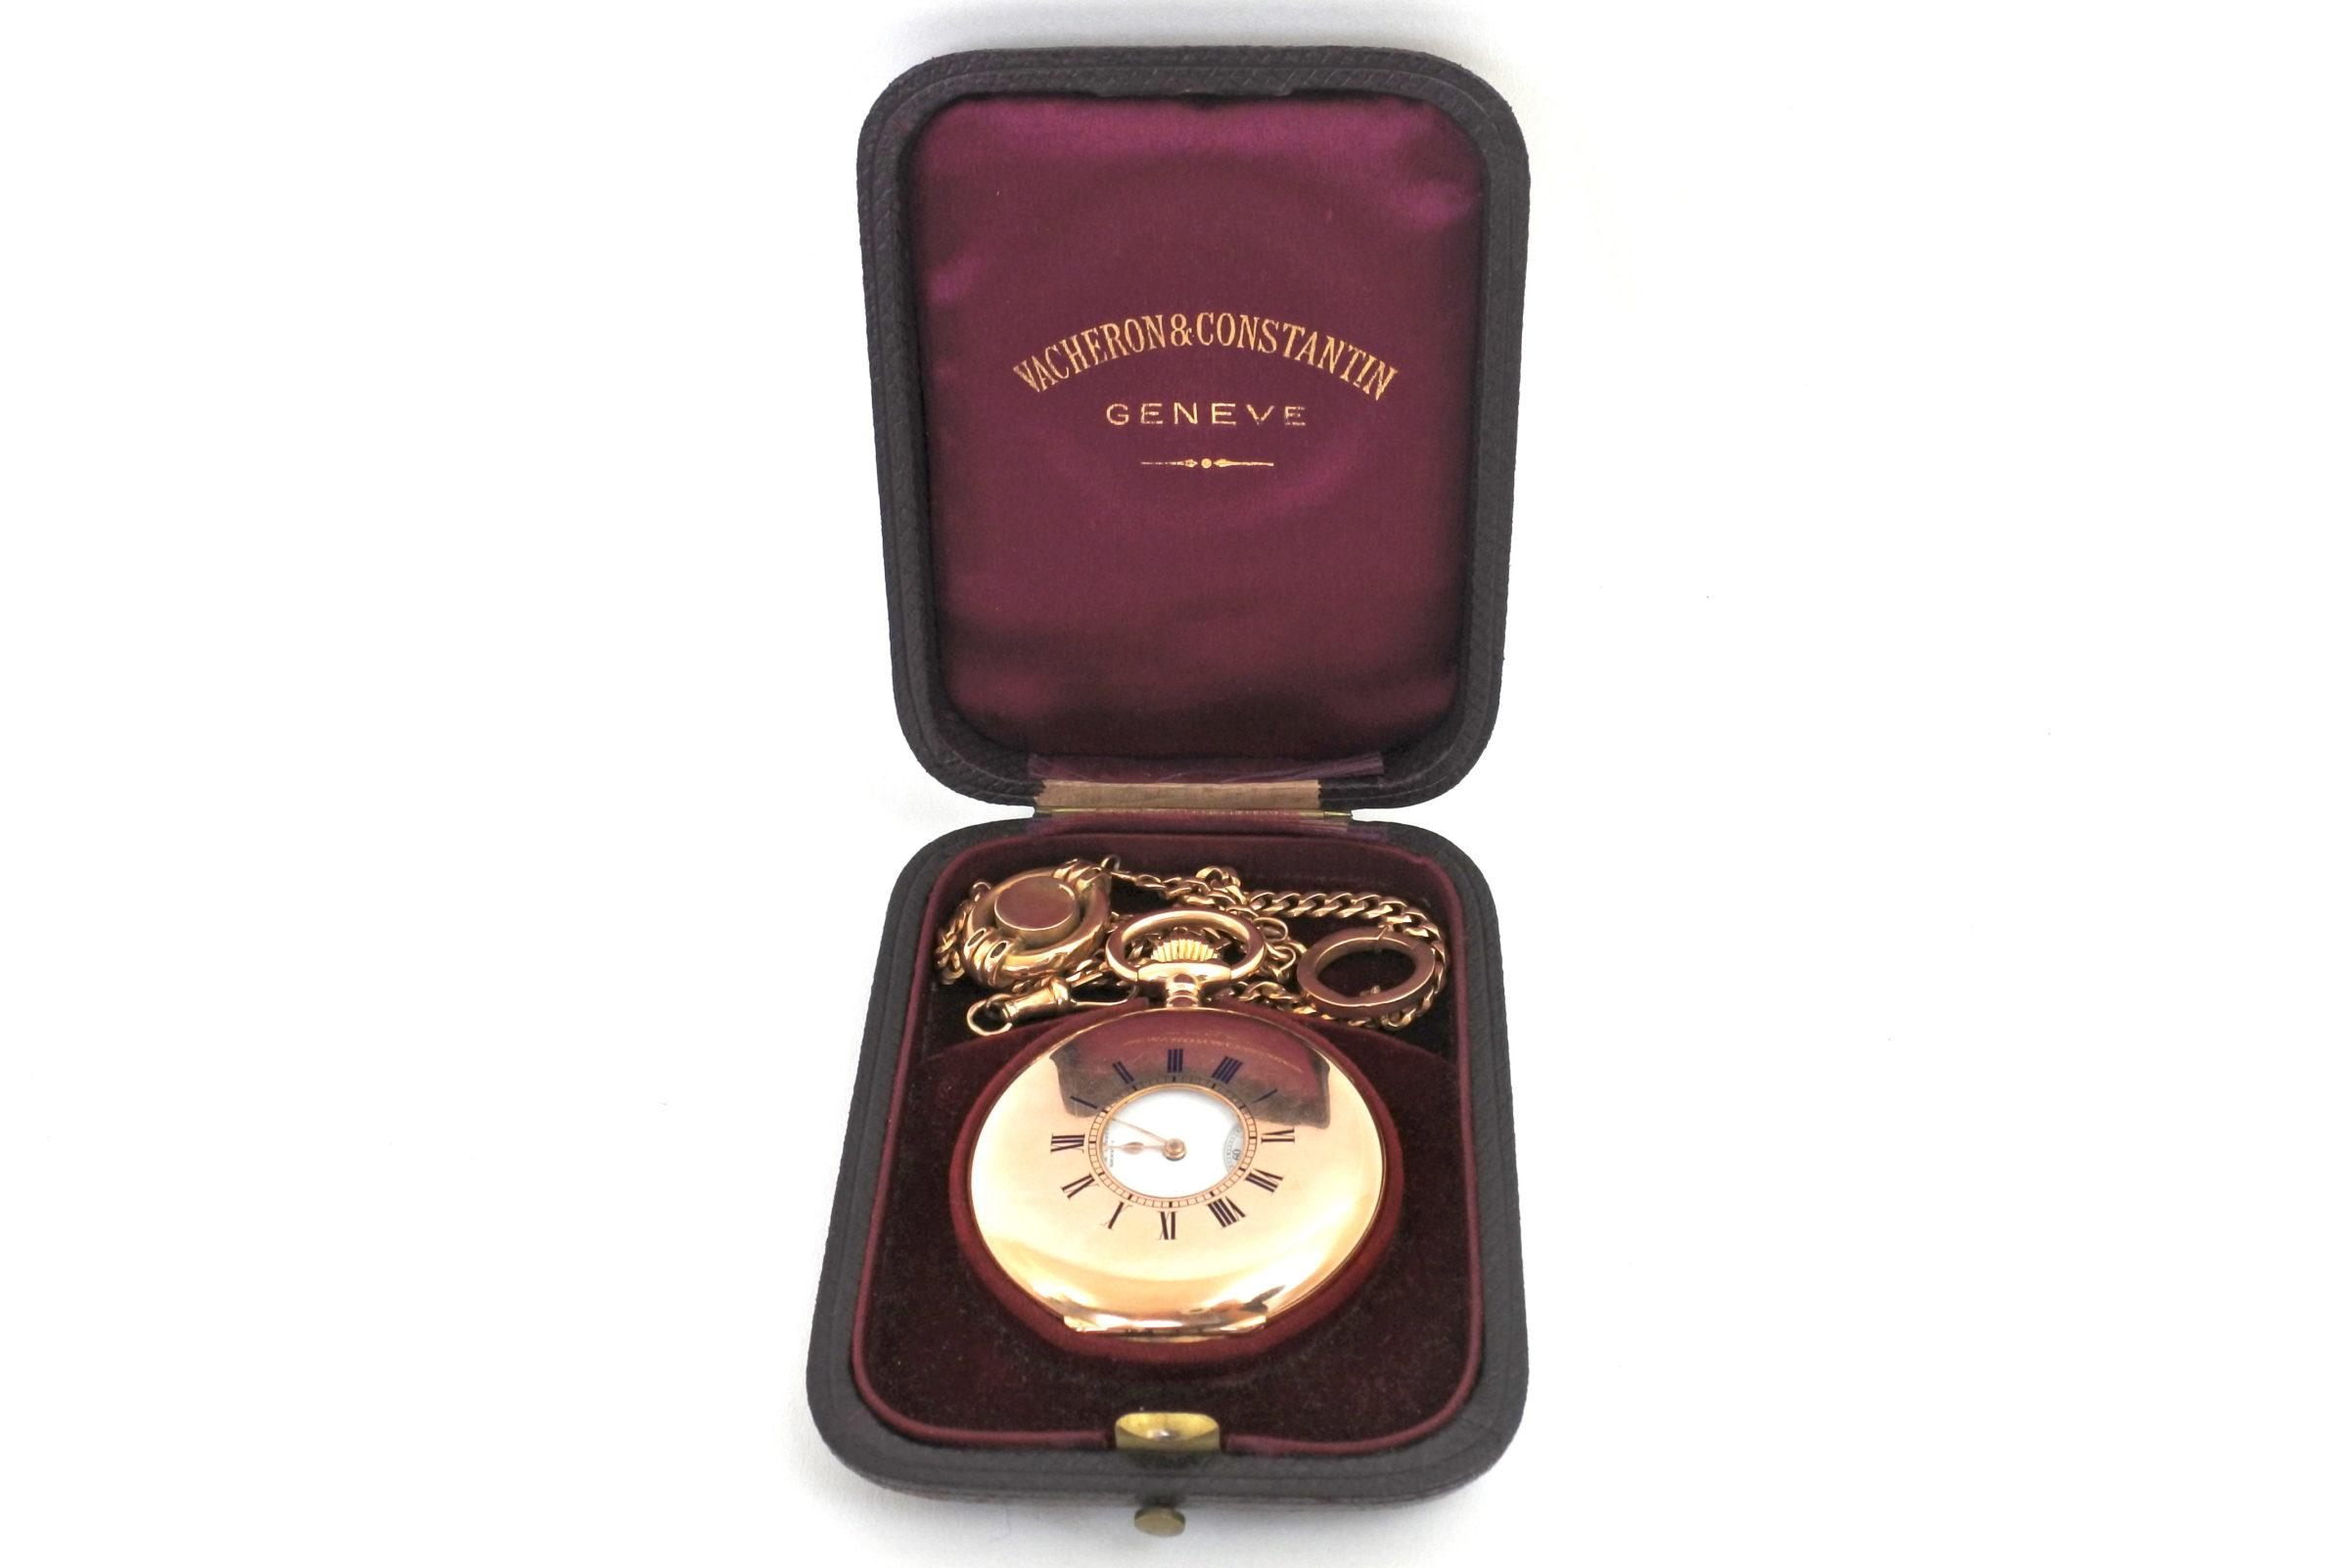 Orologio da tasca occhio di bue in oro - Vacheron & Constantin Genève - 11